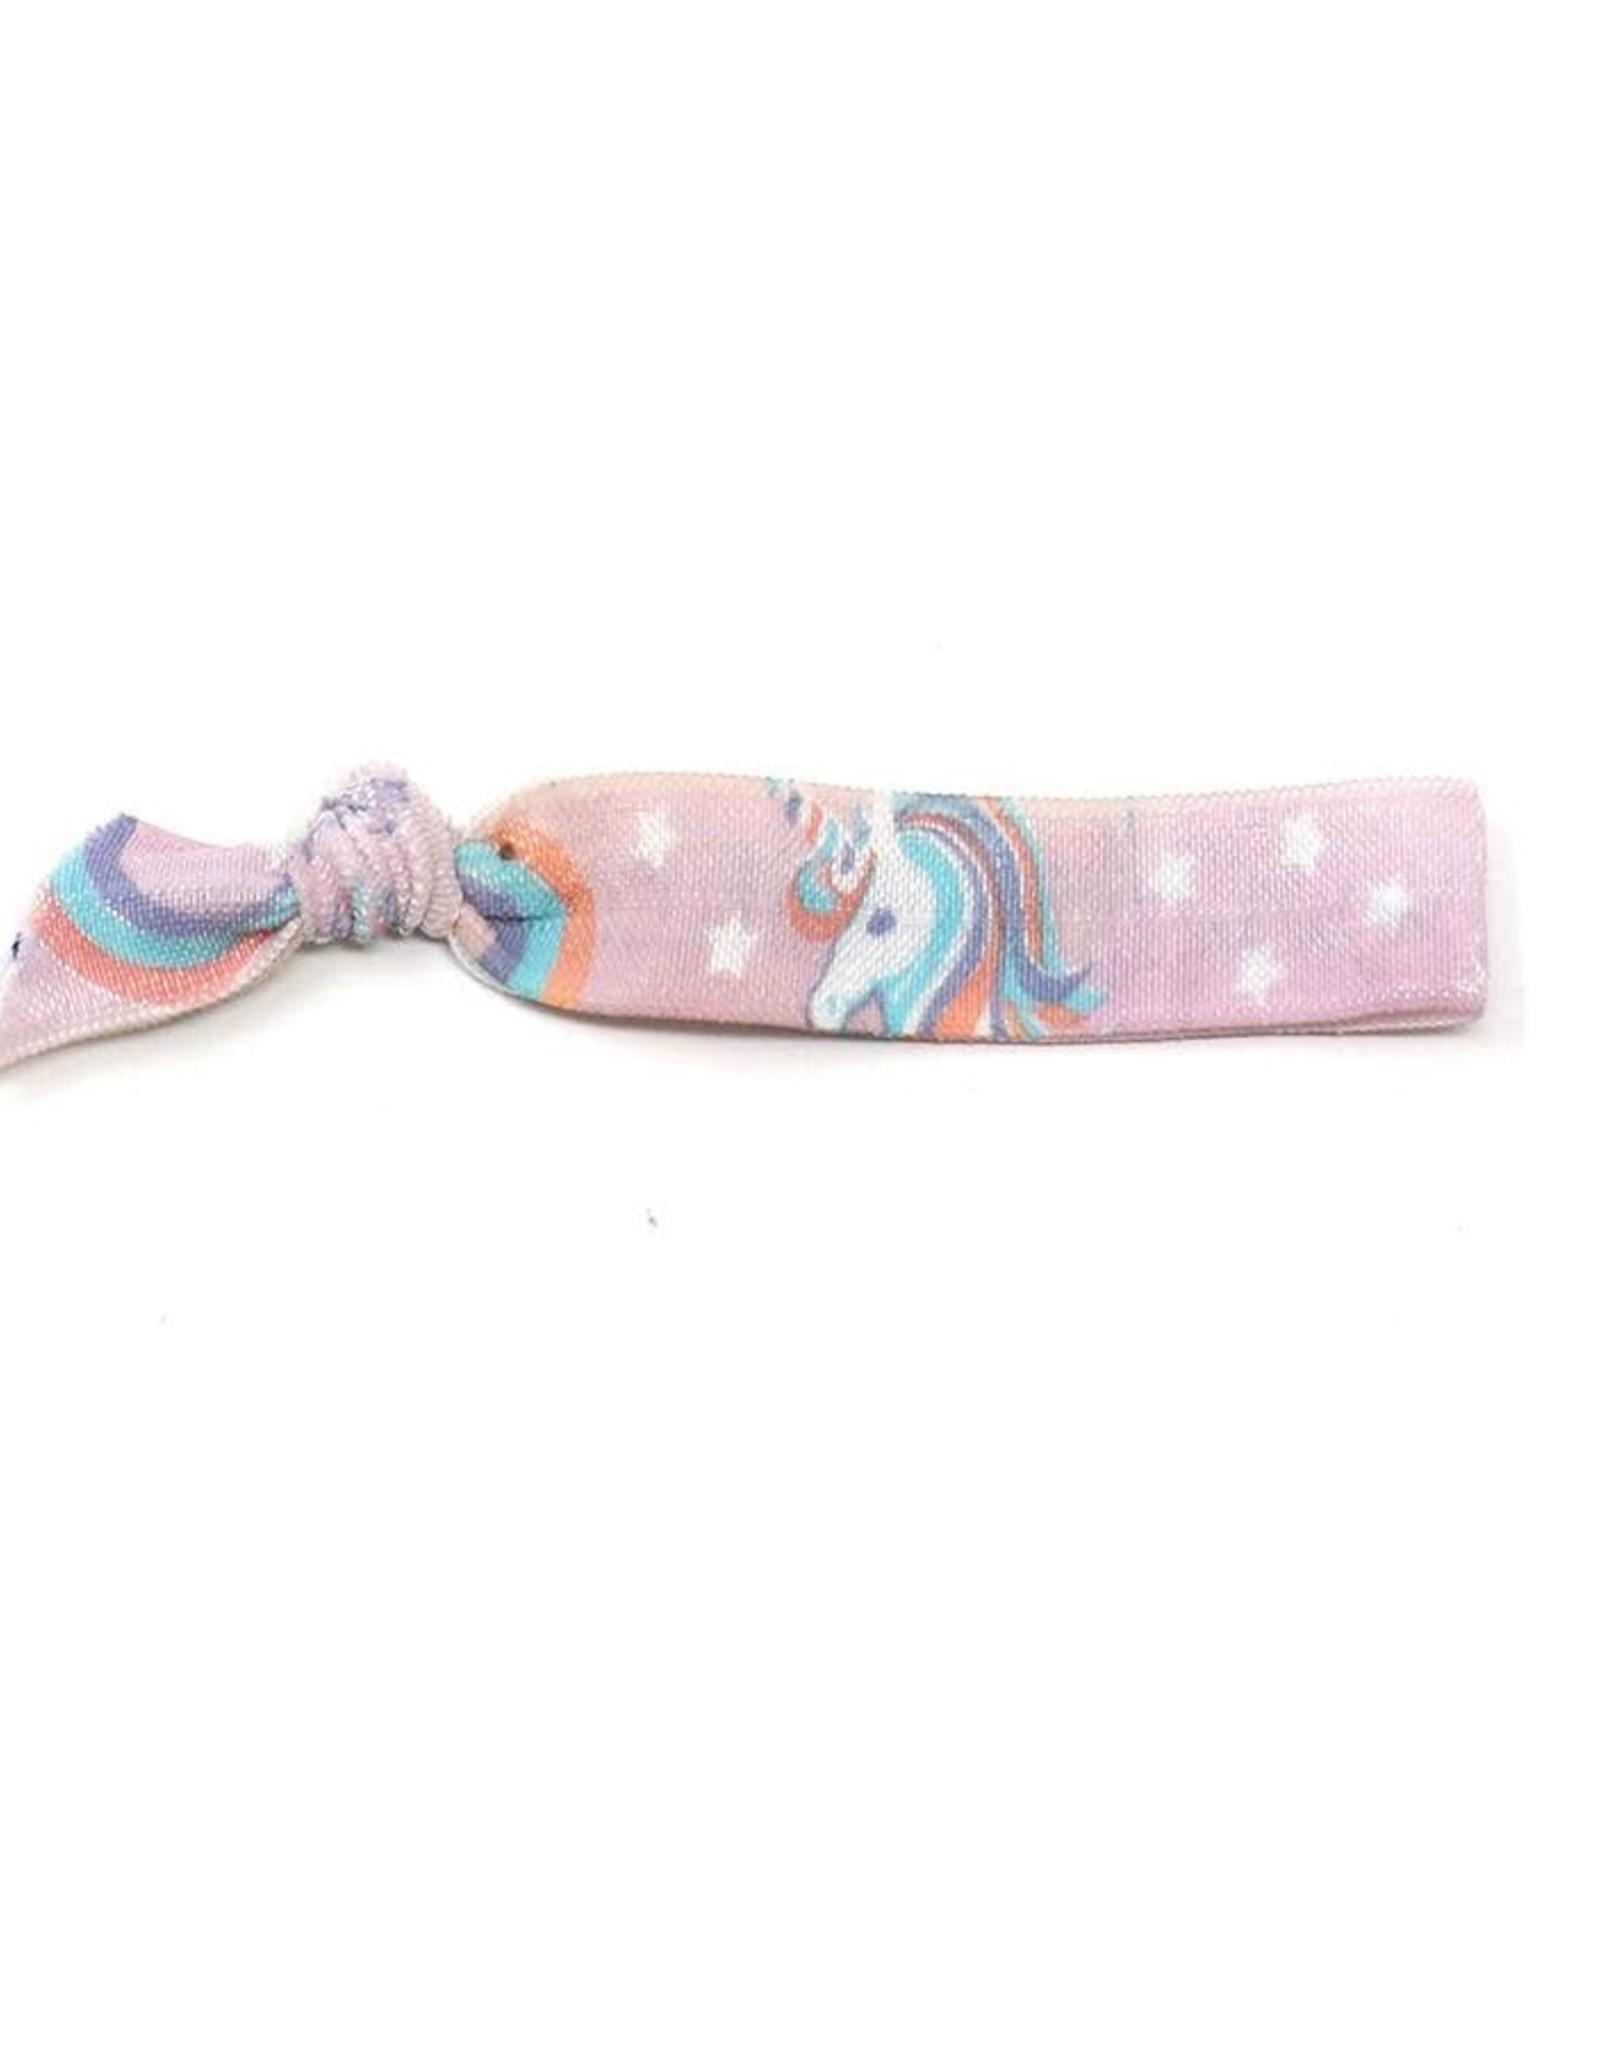 Simbi Hair Tie Unicorn